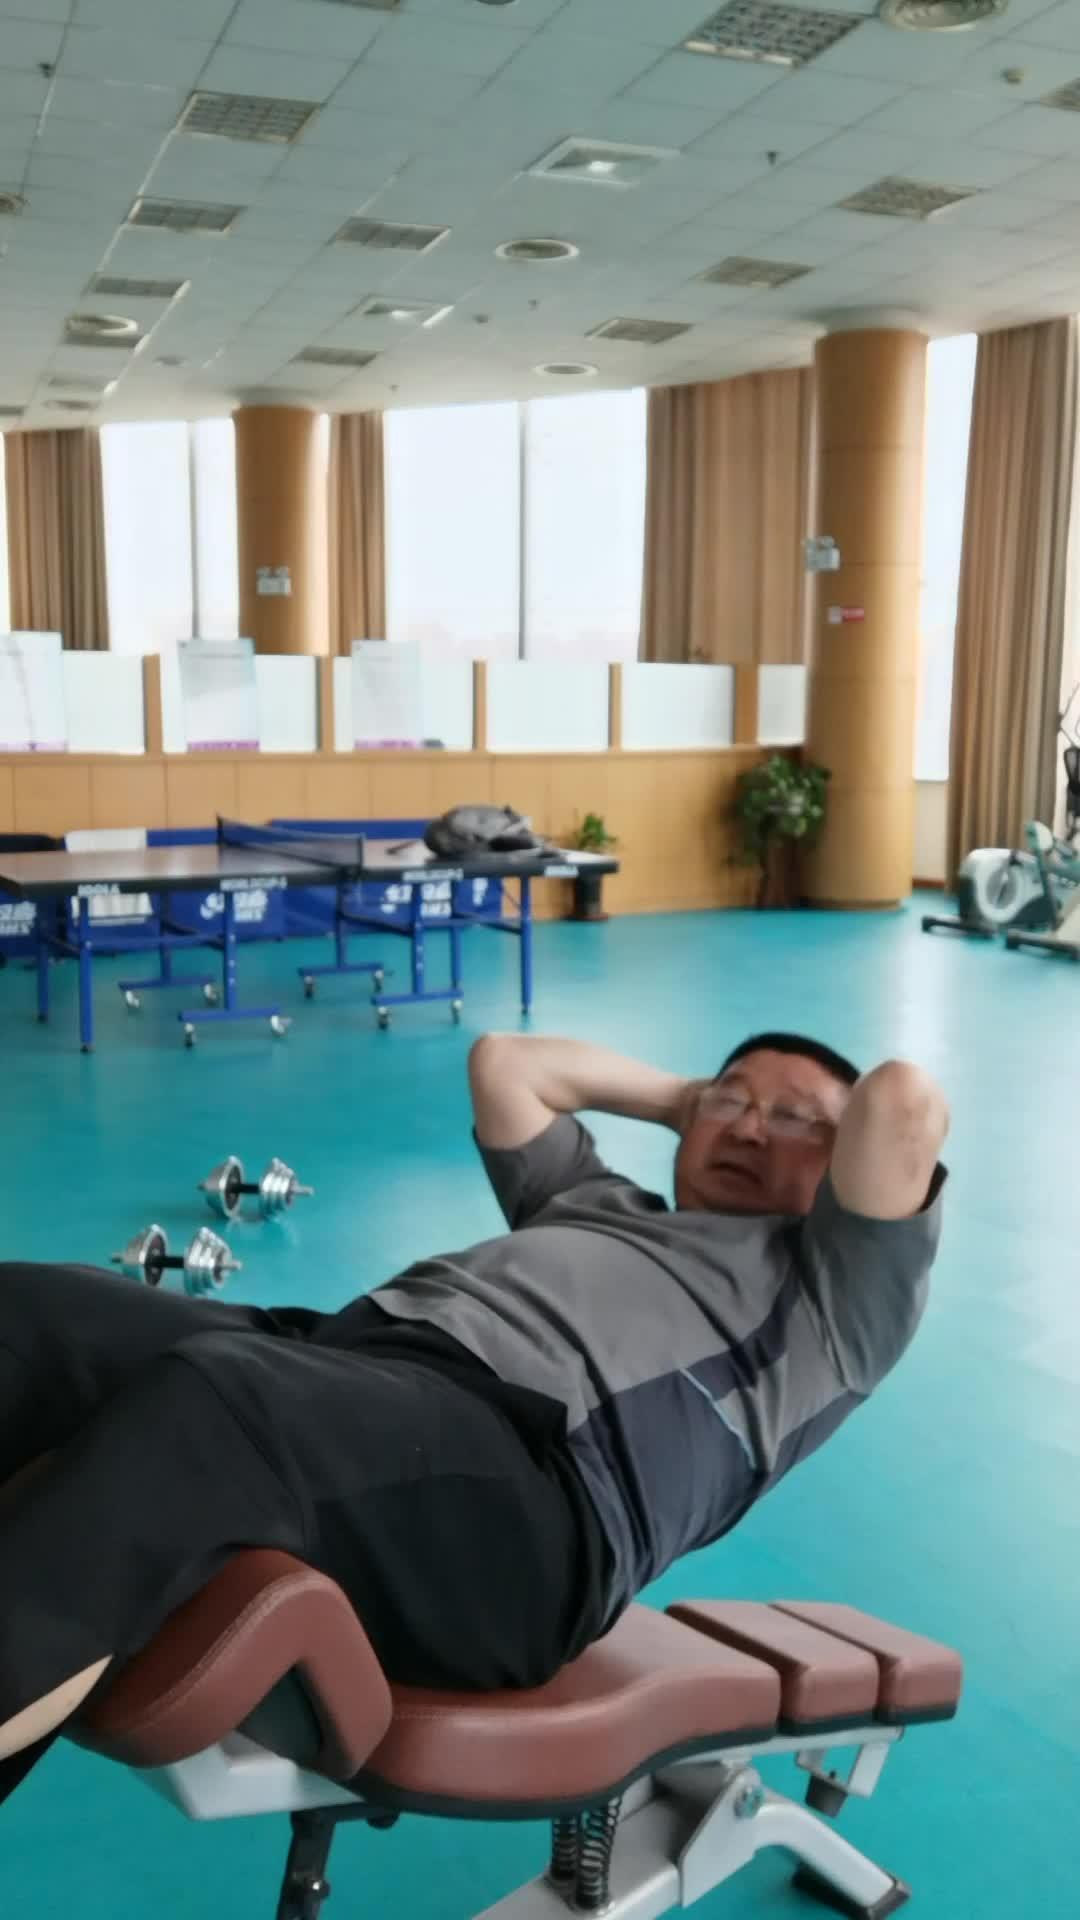 安徽合肥:市民自拍自己健身锻炼,强体质,乐悠悠!